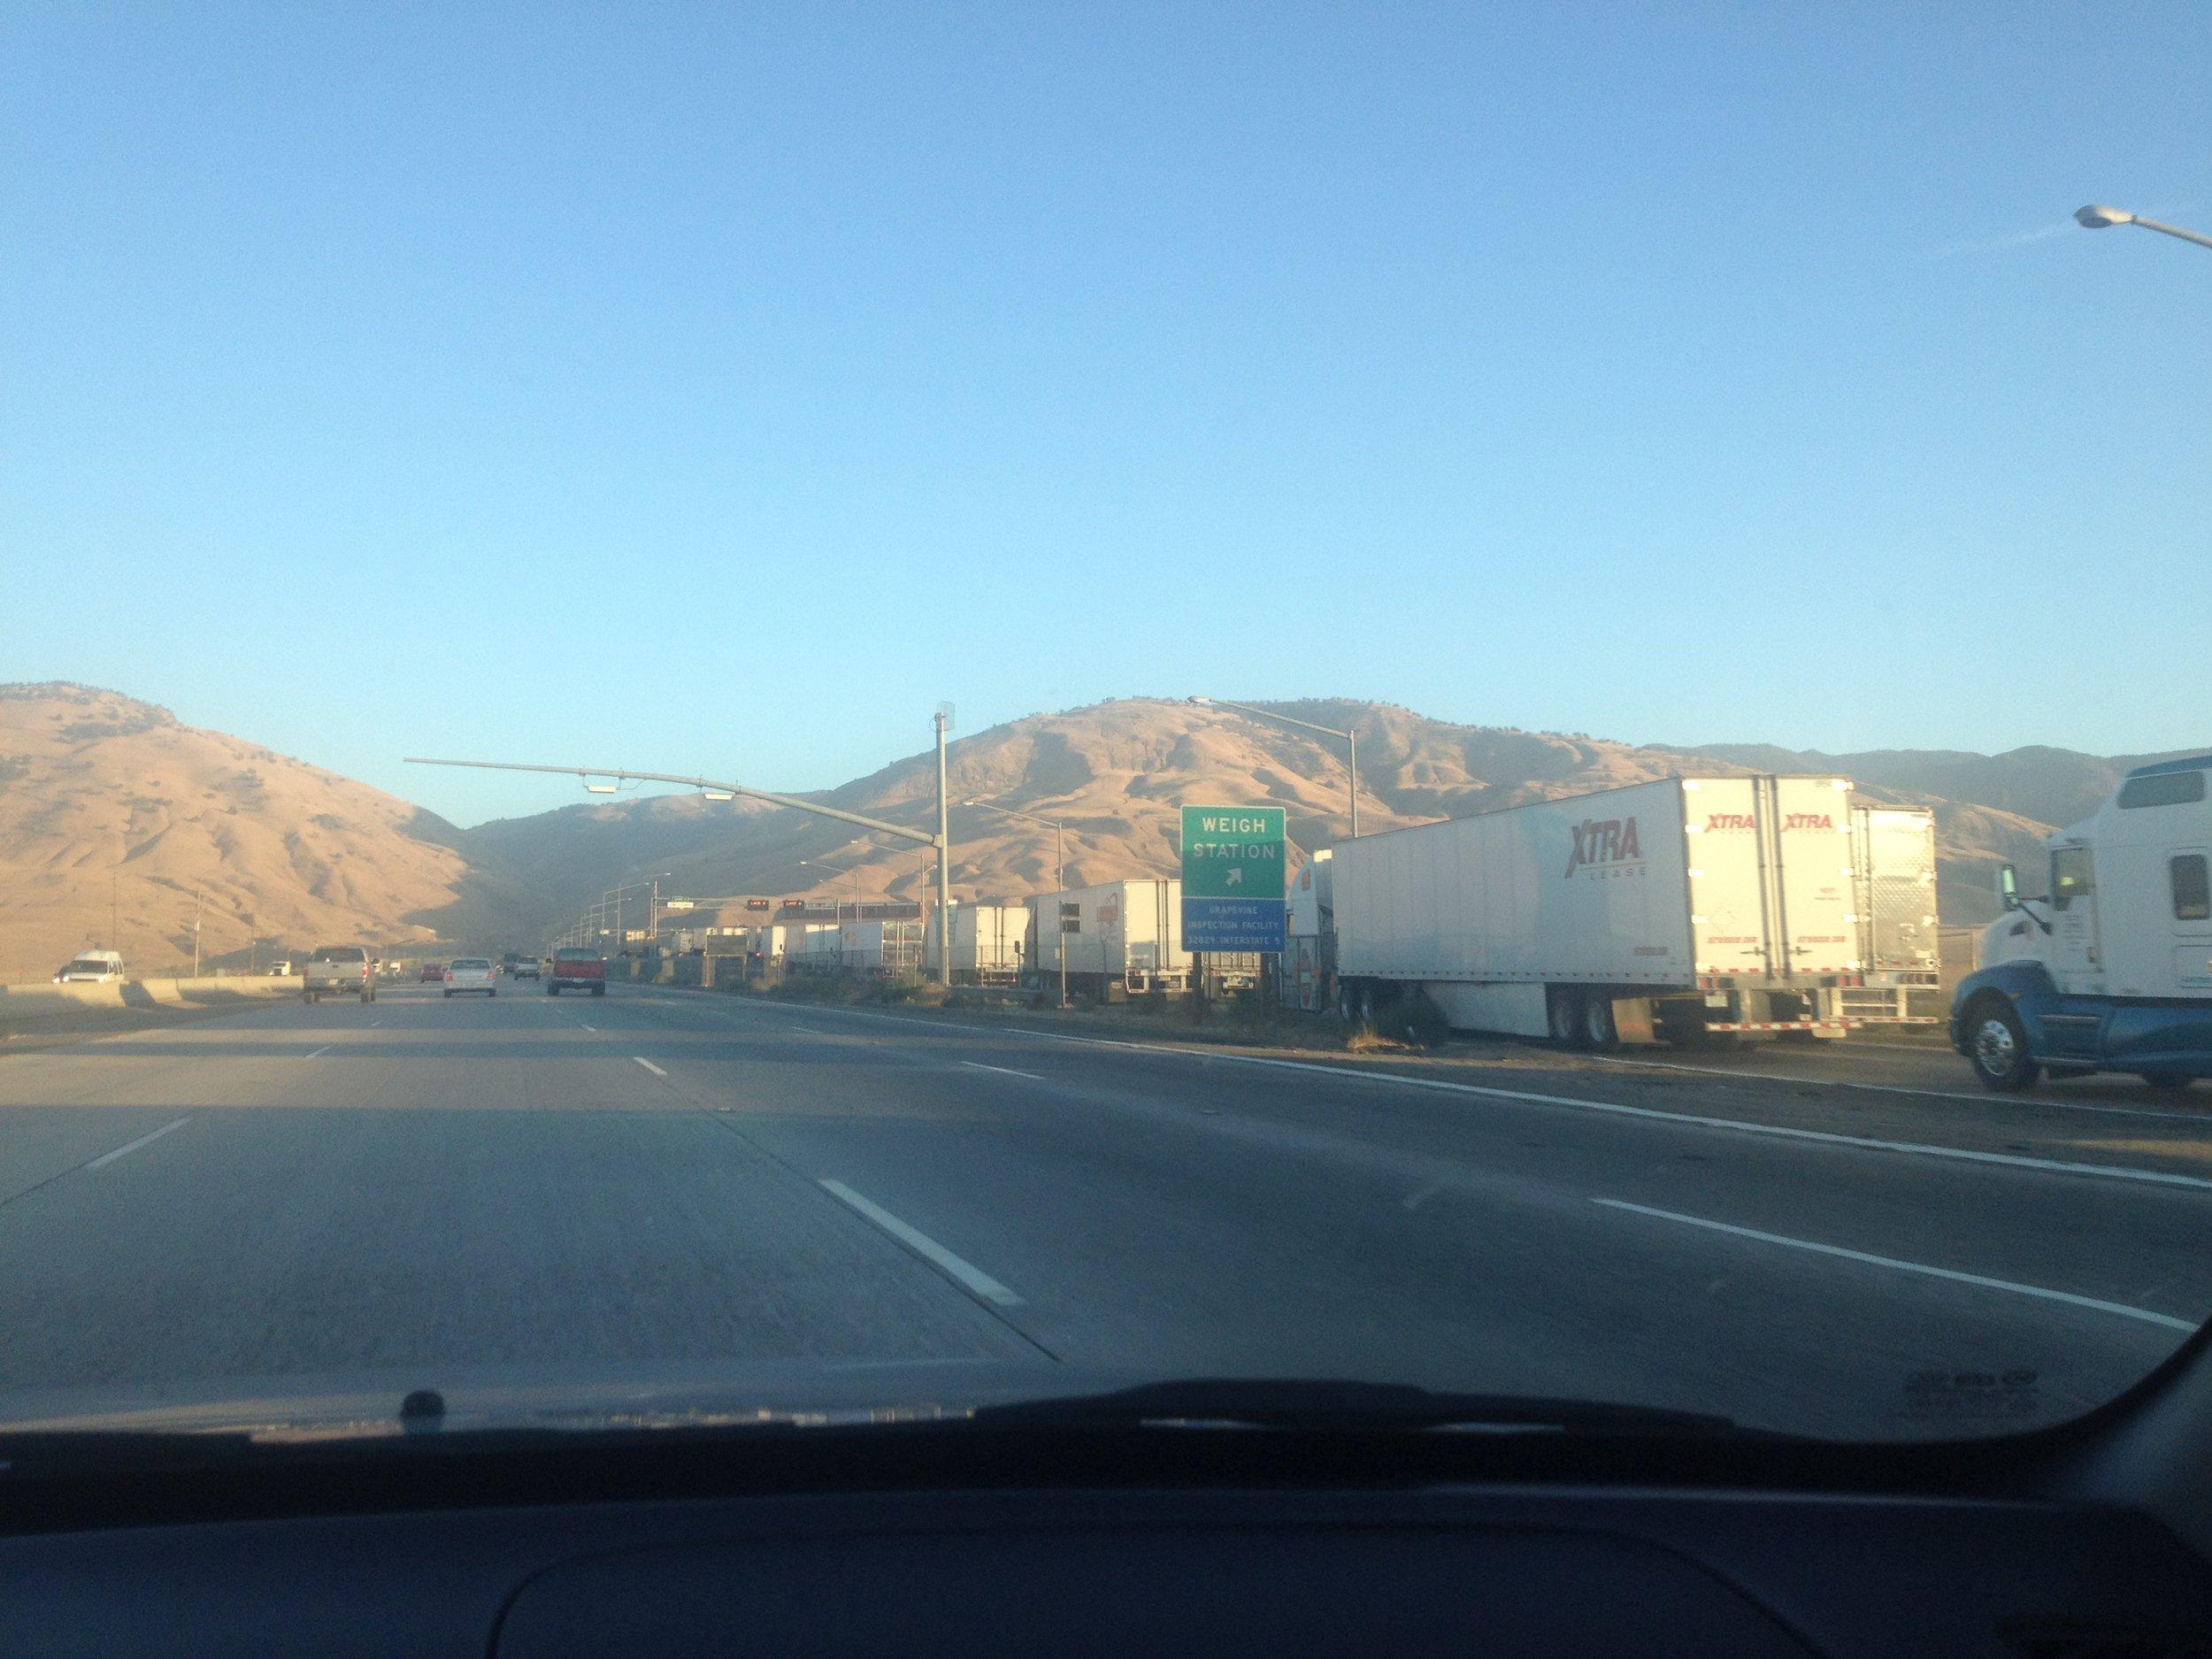 Approaching LA